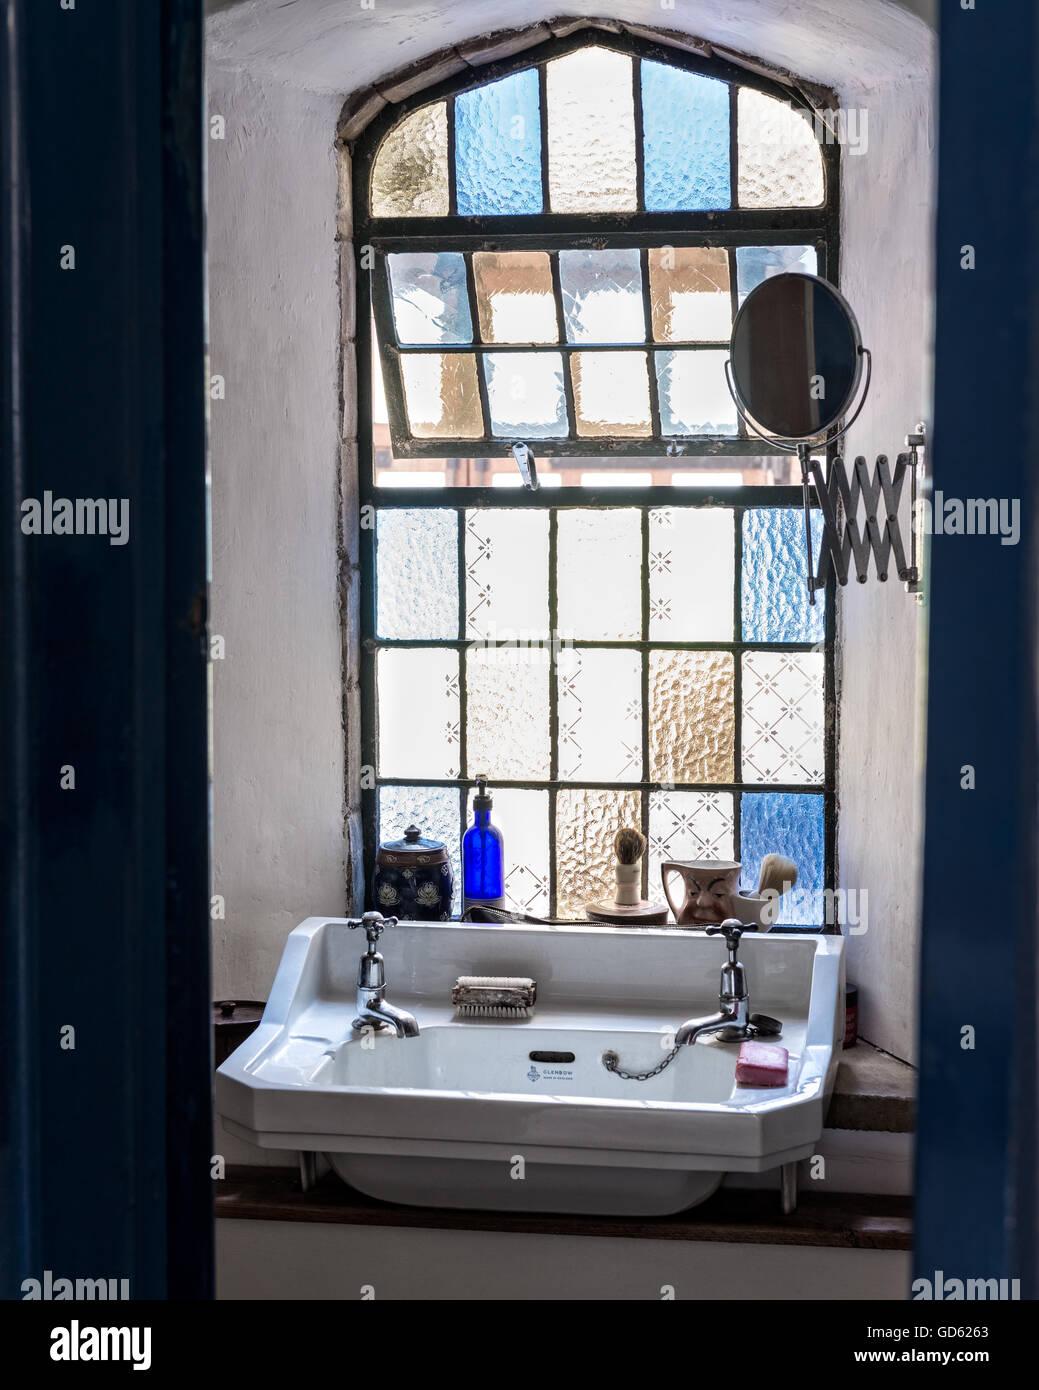 Las vidrieras y llevar las luces en la ventana arqueada de baño Imagen De Stock